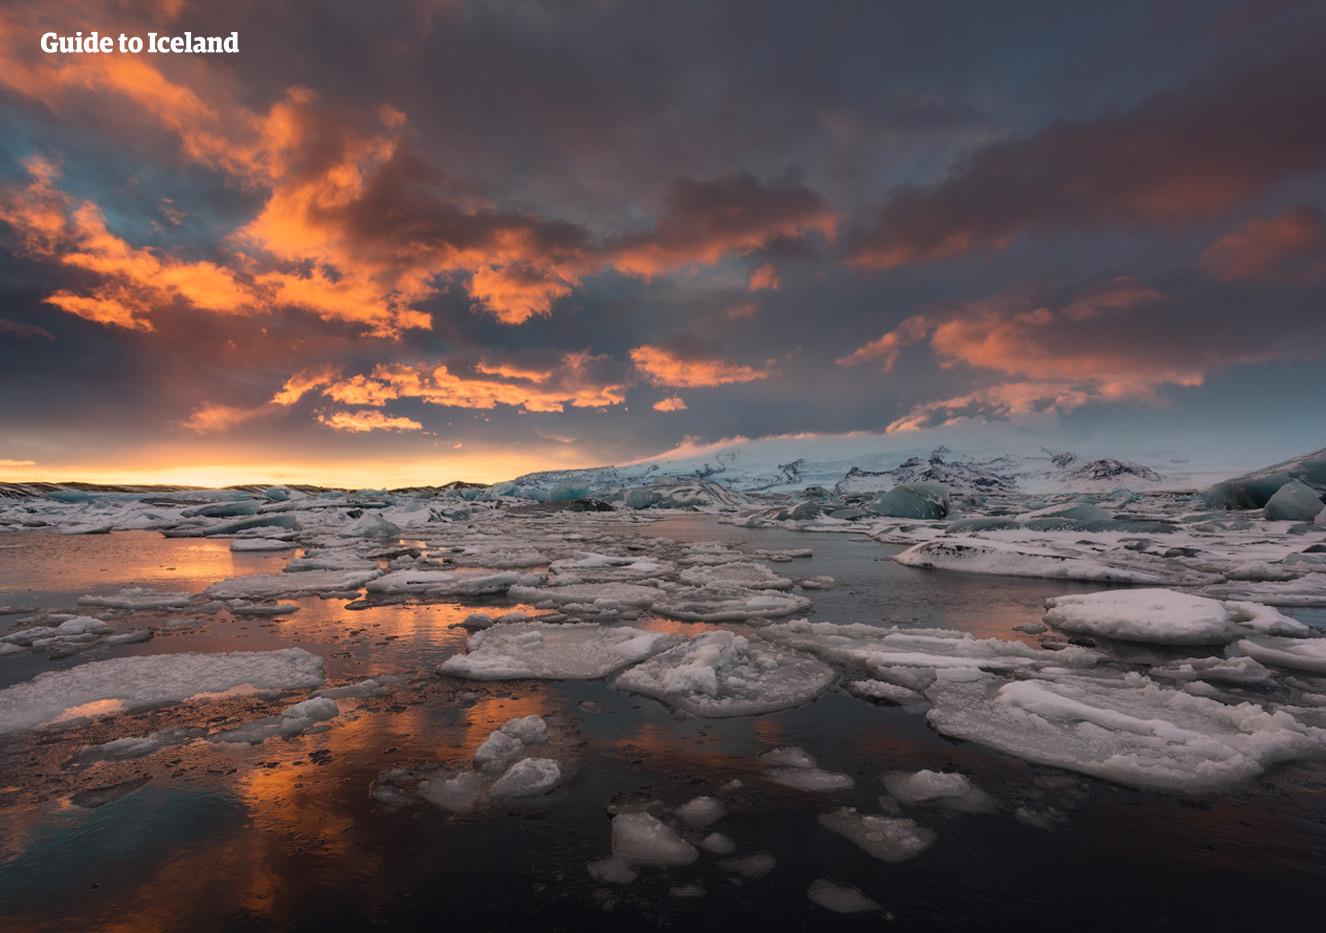 """La laguna glaciar de Jökulsárlón se describe a menudo como la """"Joya de la Corona de Islandia""""."""